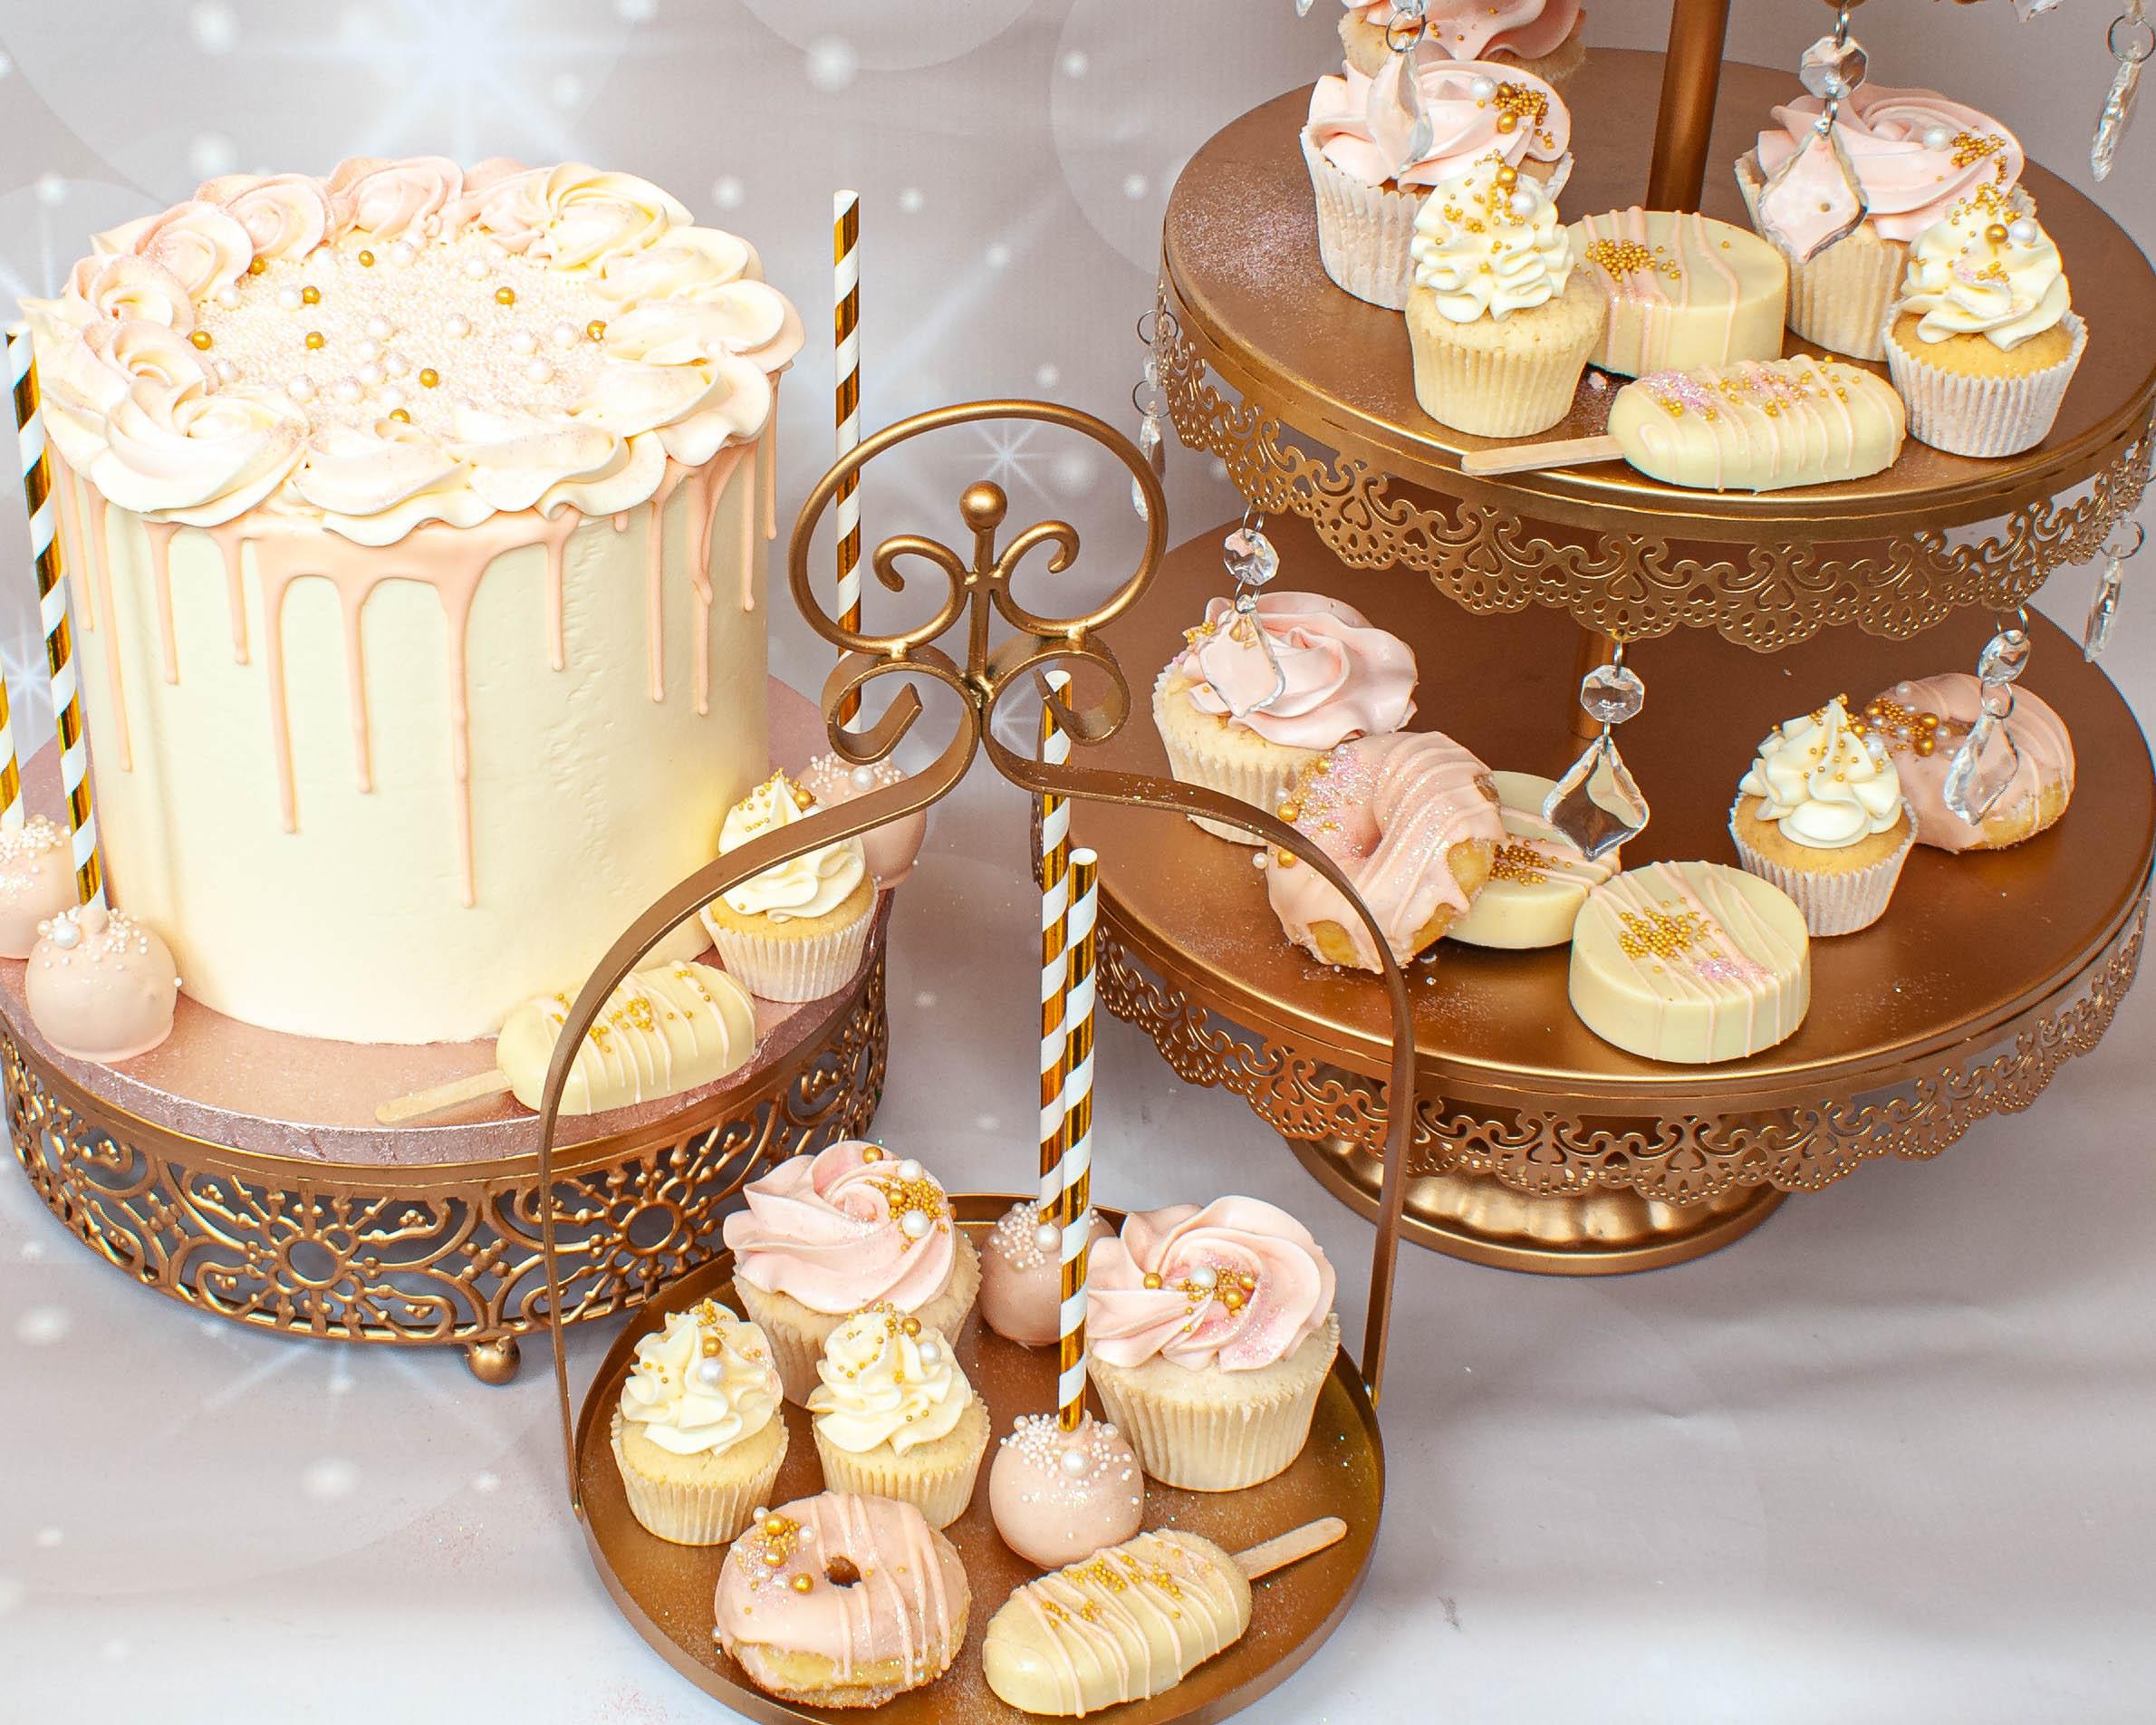 Sweet Table Box De Mooiste En Lekkerste Taarten Taarten Van Linn